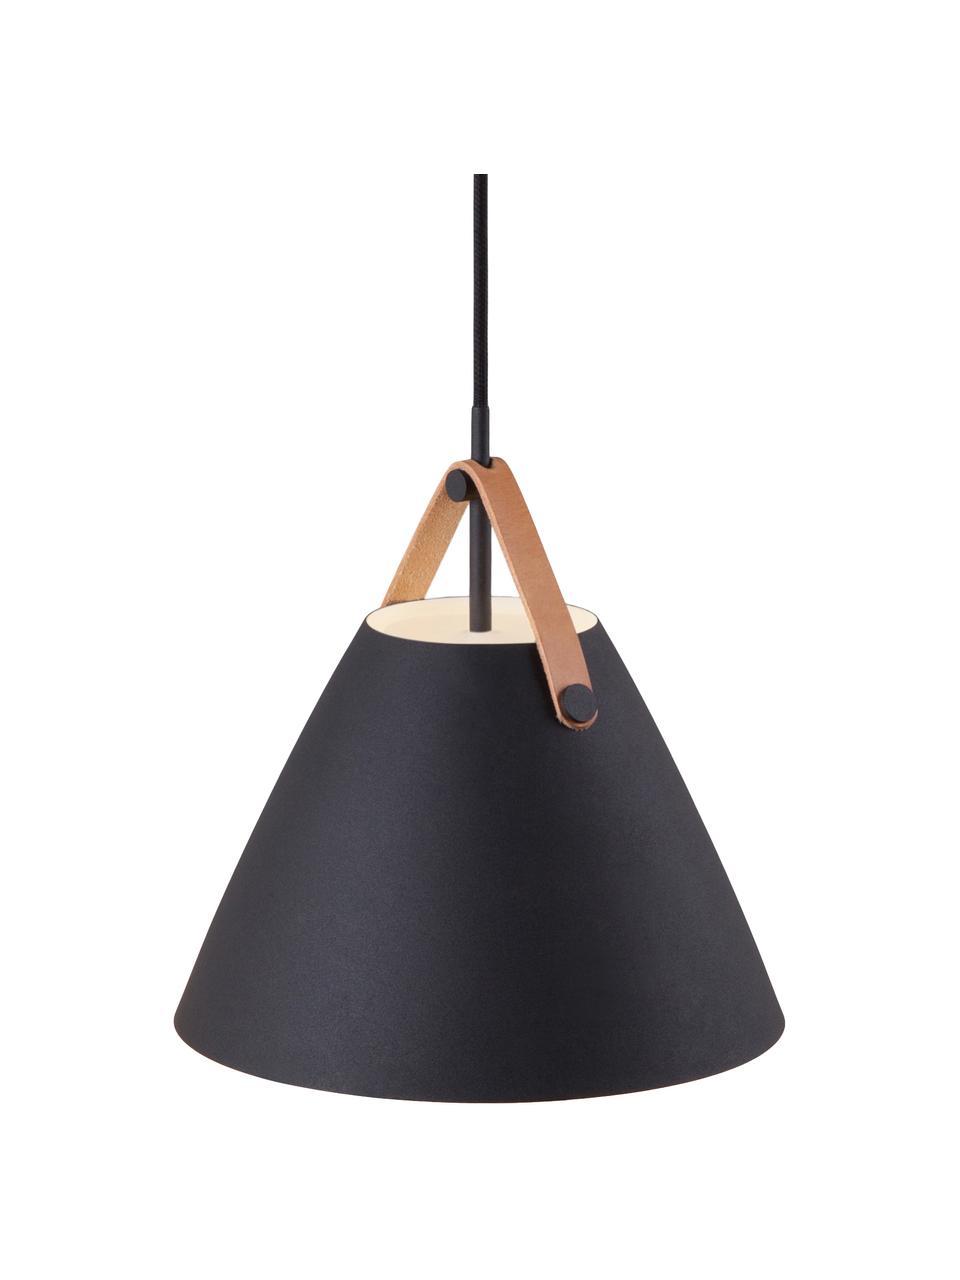 Lampa wisząca ze skórzanym paskiem Strap, Czarny, Ø 36 x W 35 cm